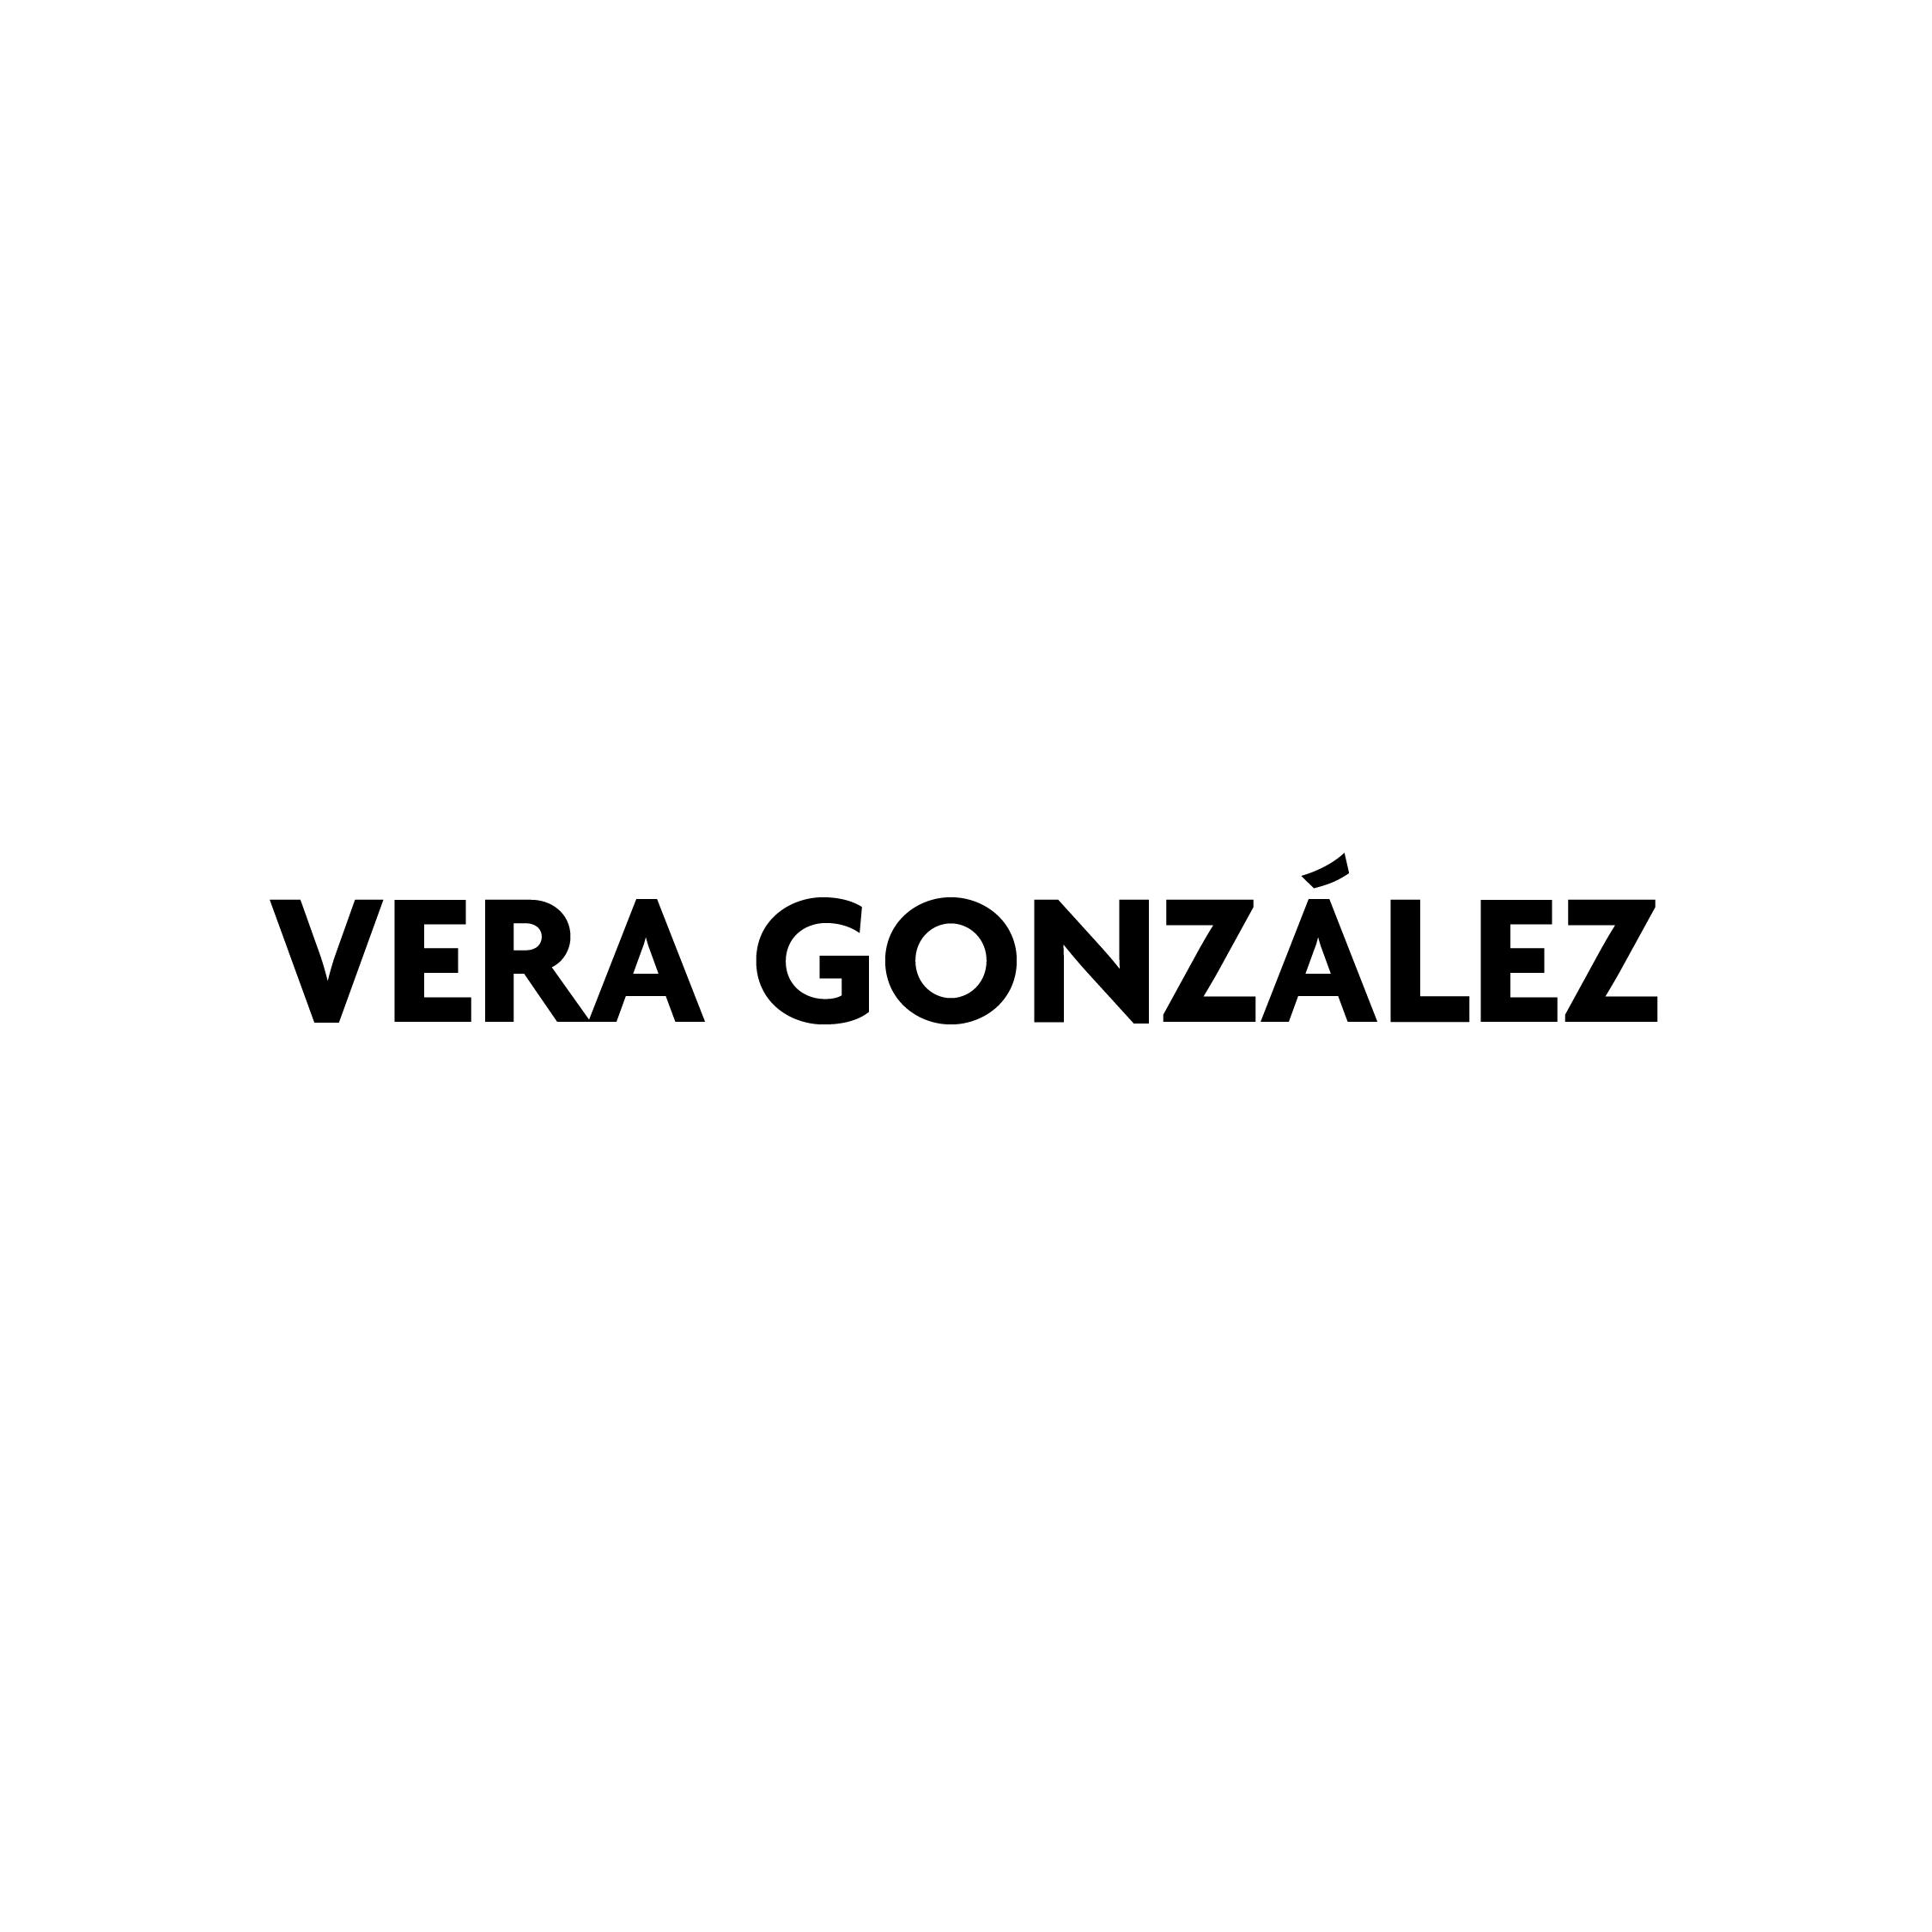 Vera González